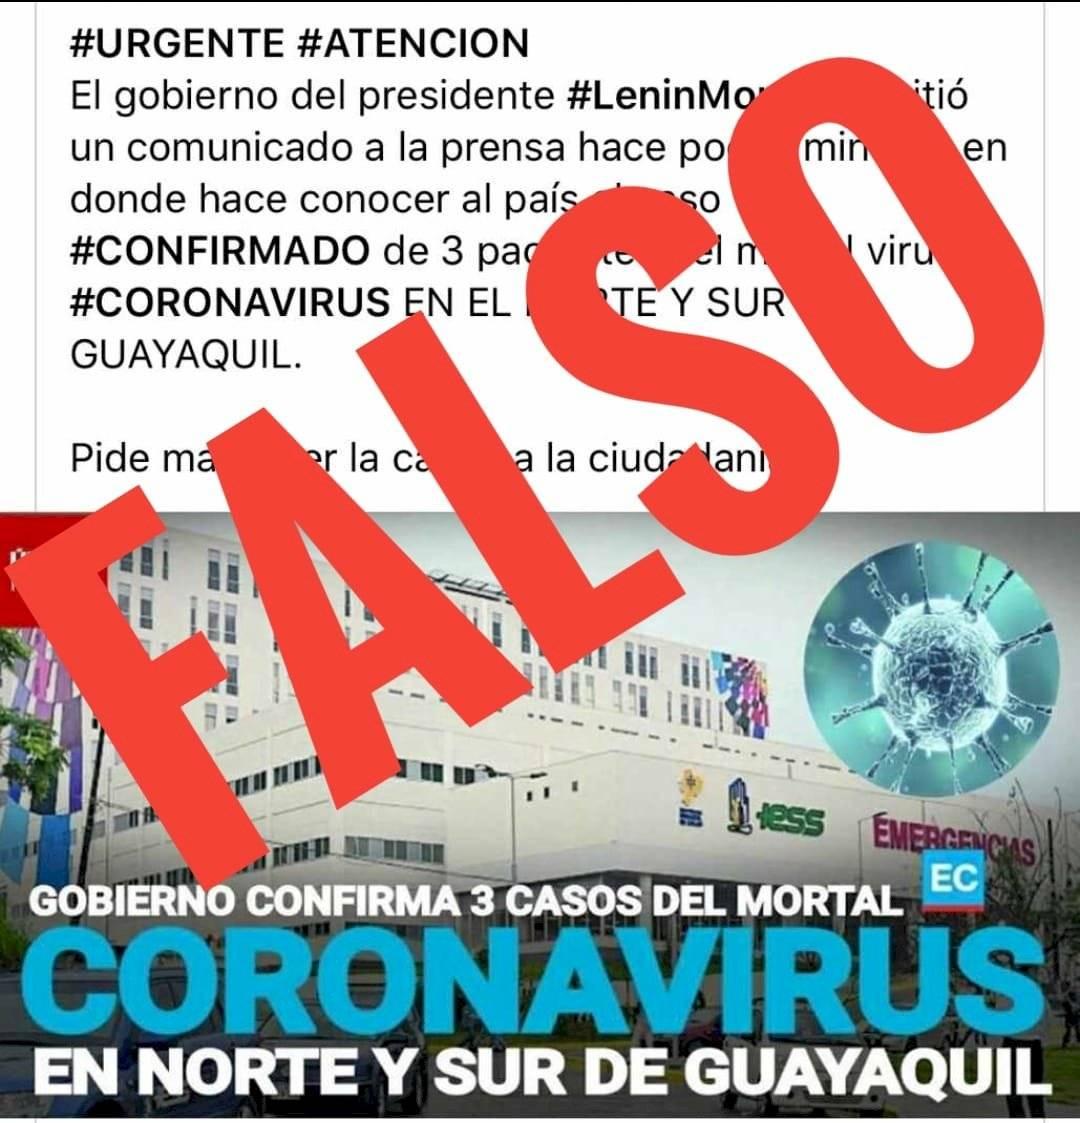 Información falsa de coronavirus en Ecuador